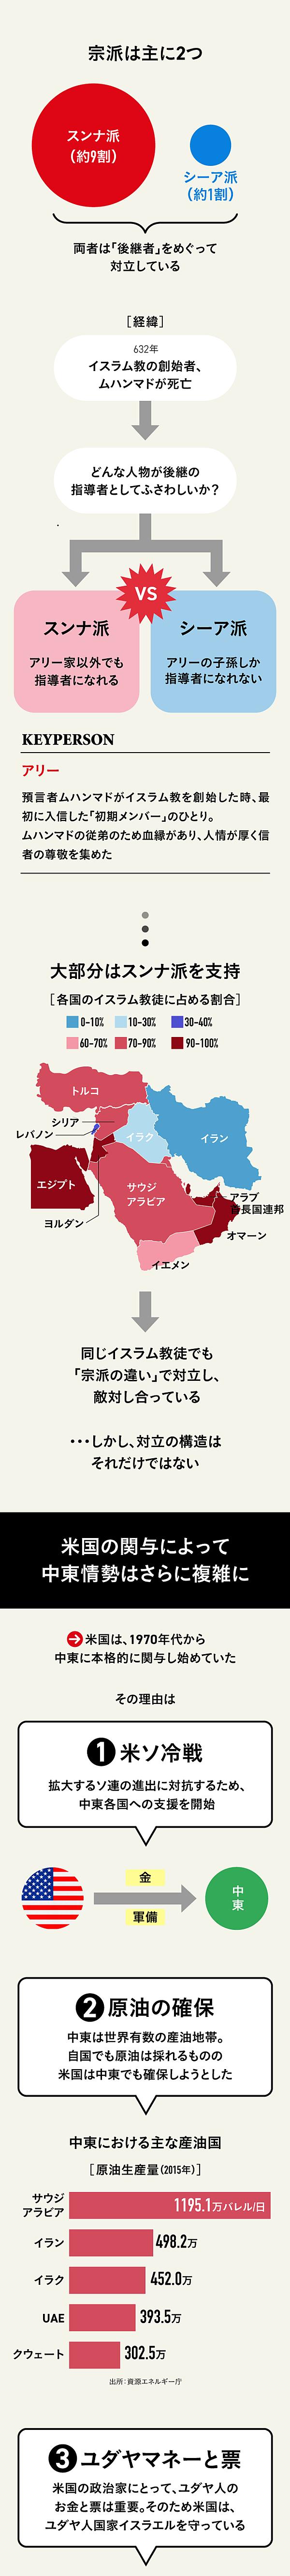 力 イラン 軍事